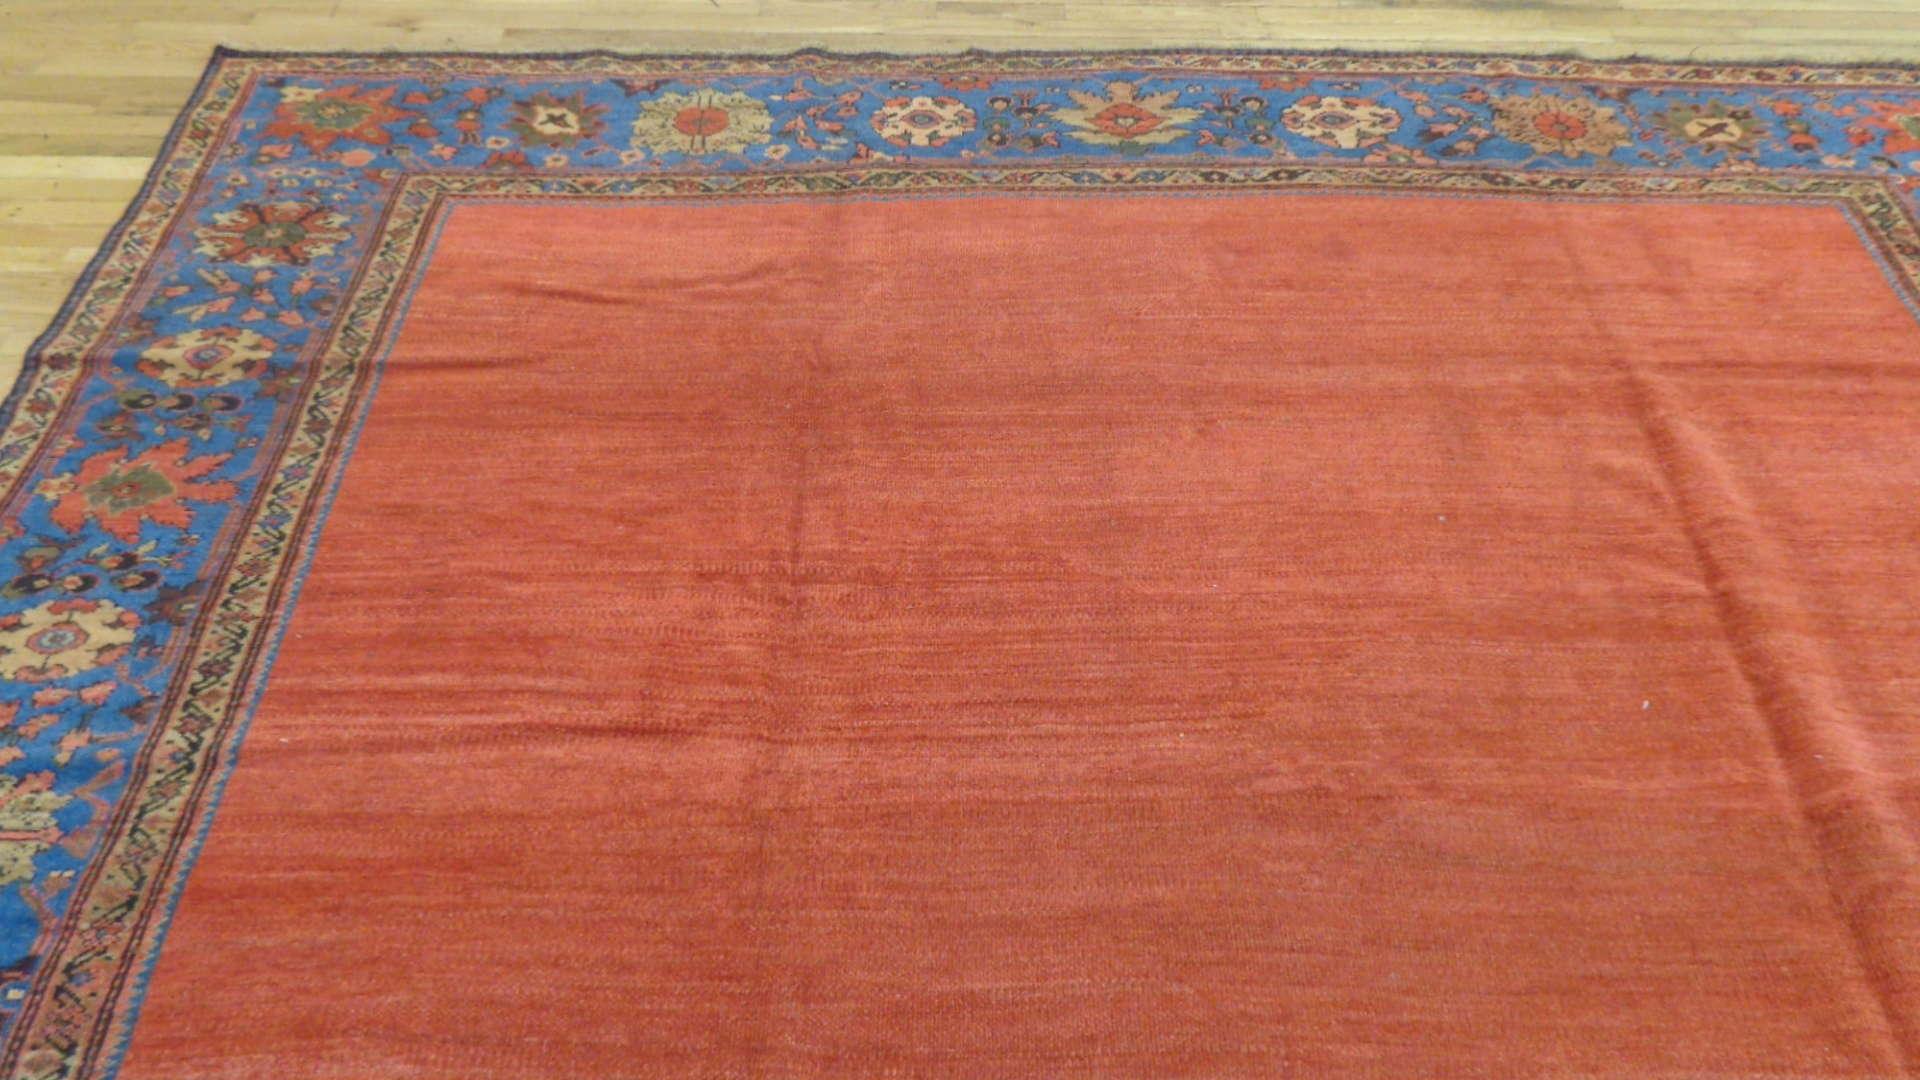 24760 antique persian mahal rug 9,11x13,6-1